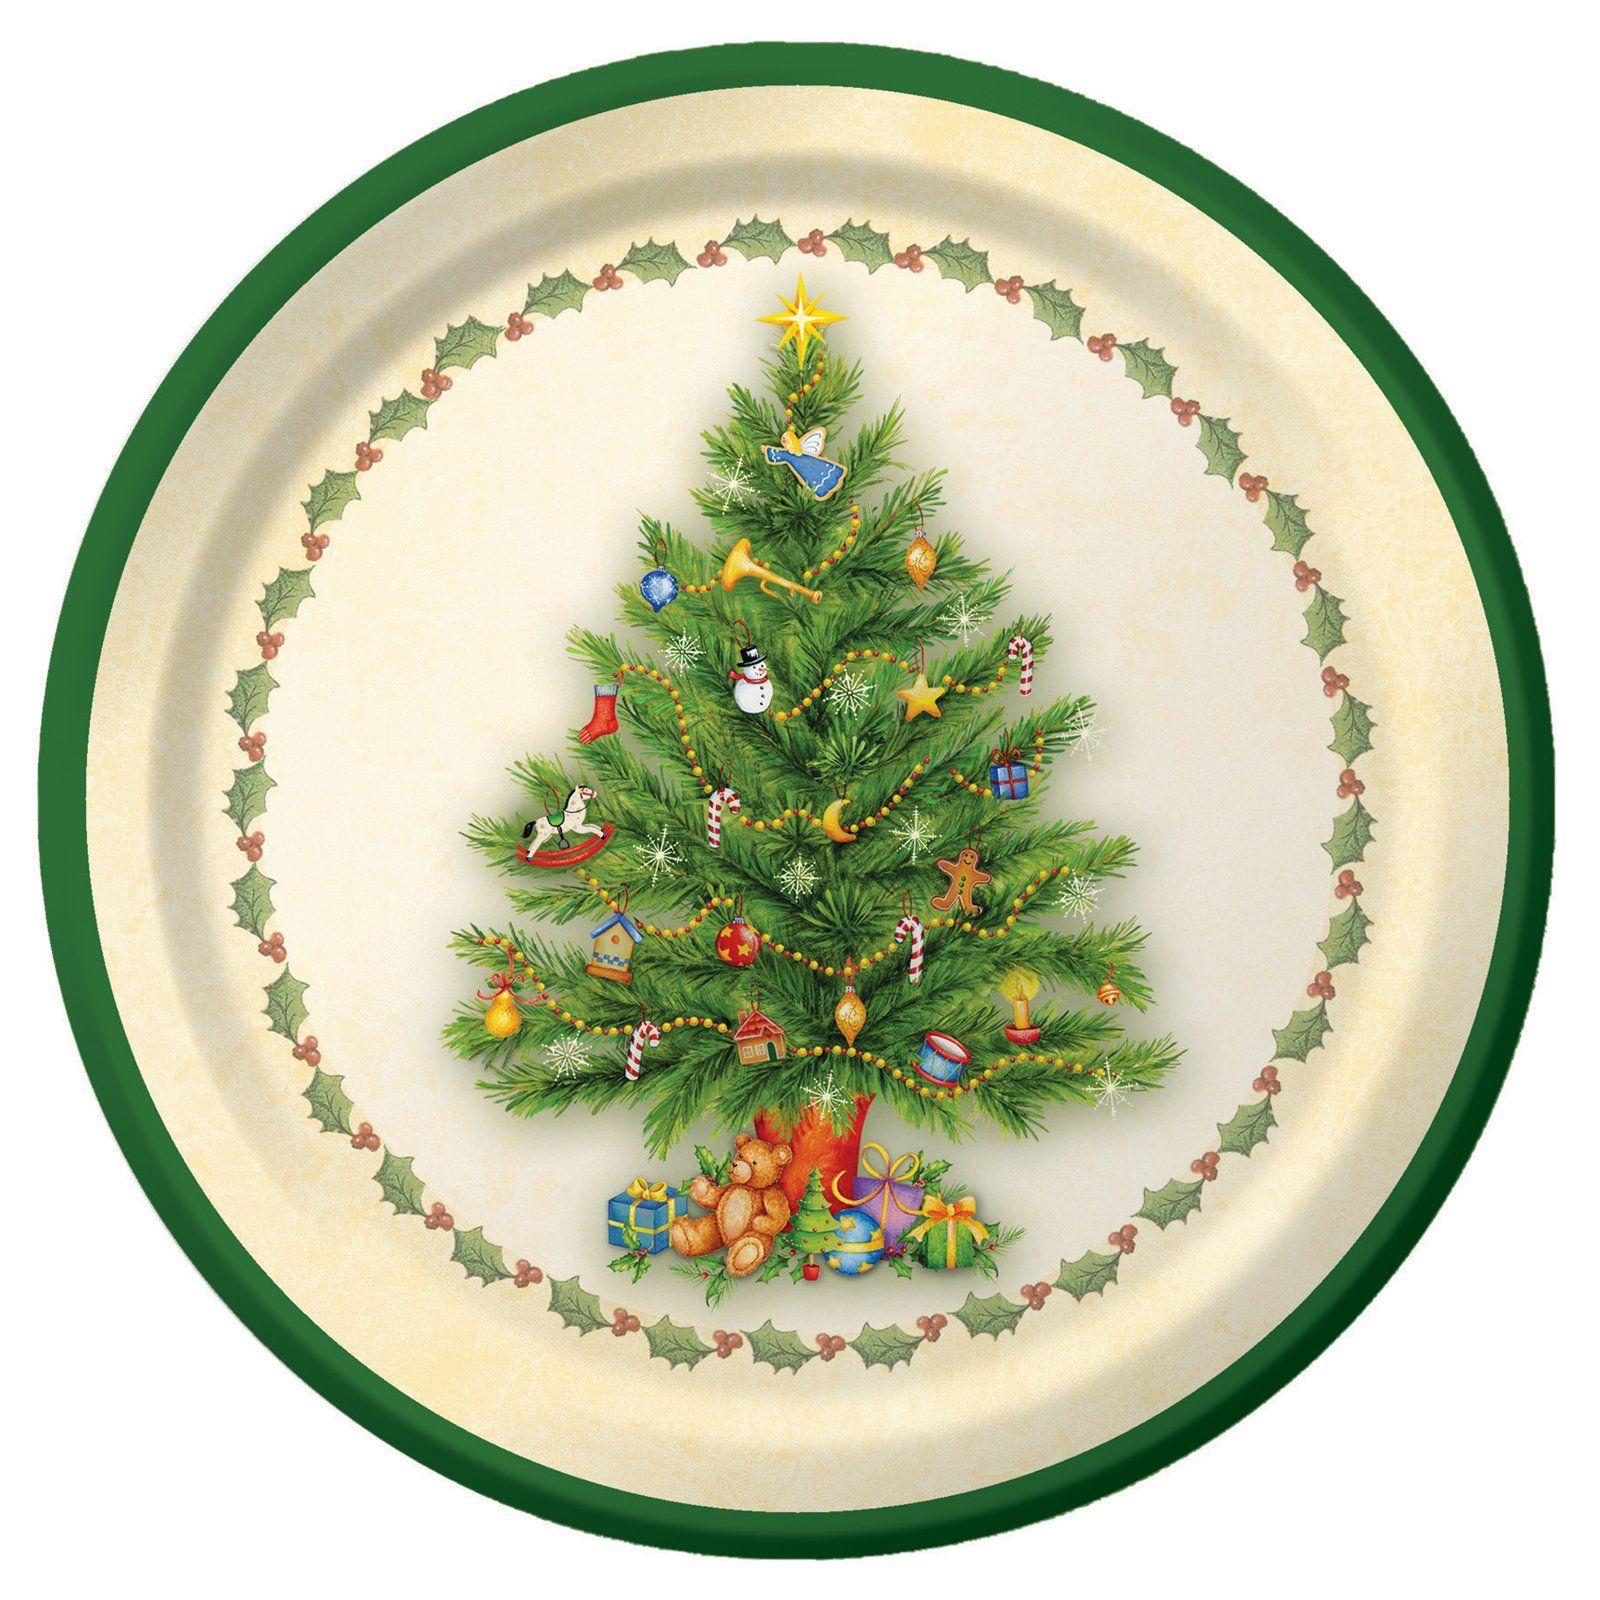 Christmas Diy Printable Plate For The Dollhouse Holiday Table Christmas Dinner Plates Christmas Plates Miniature Plates